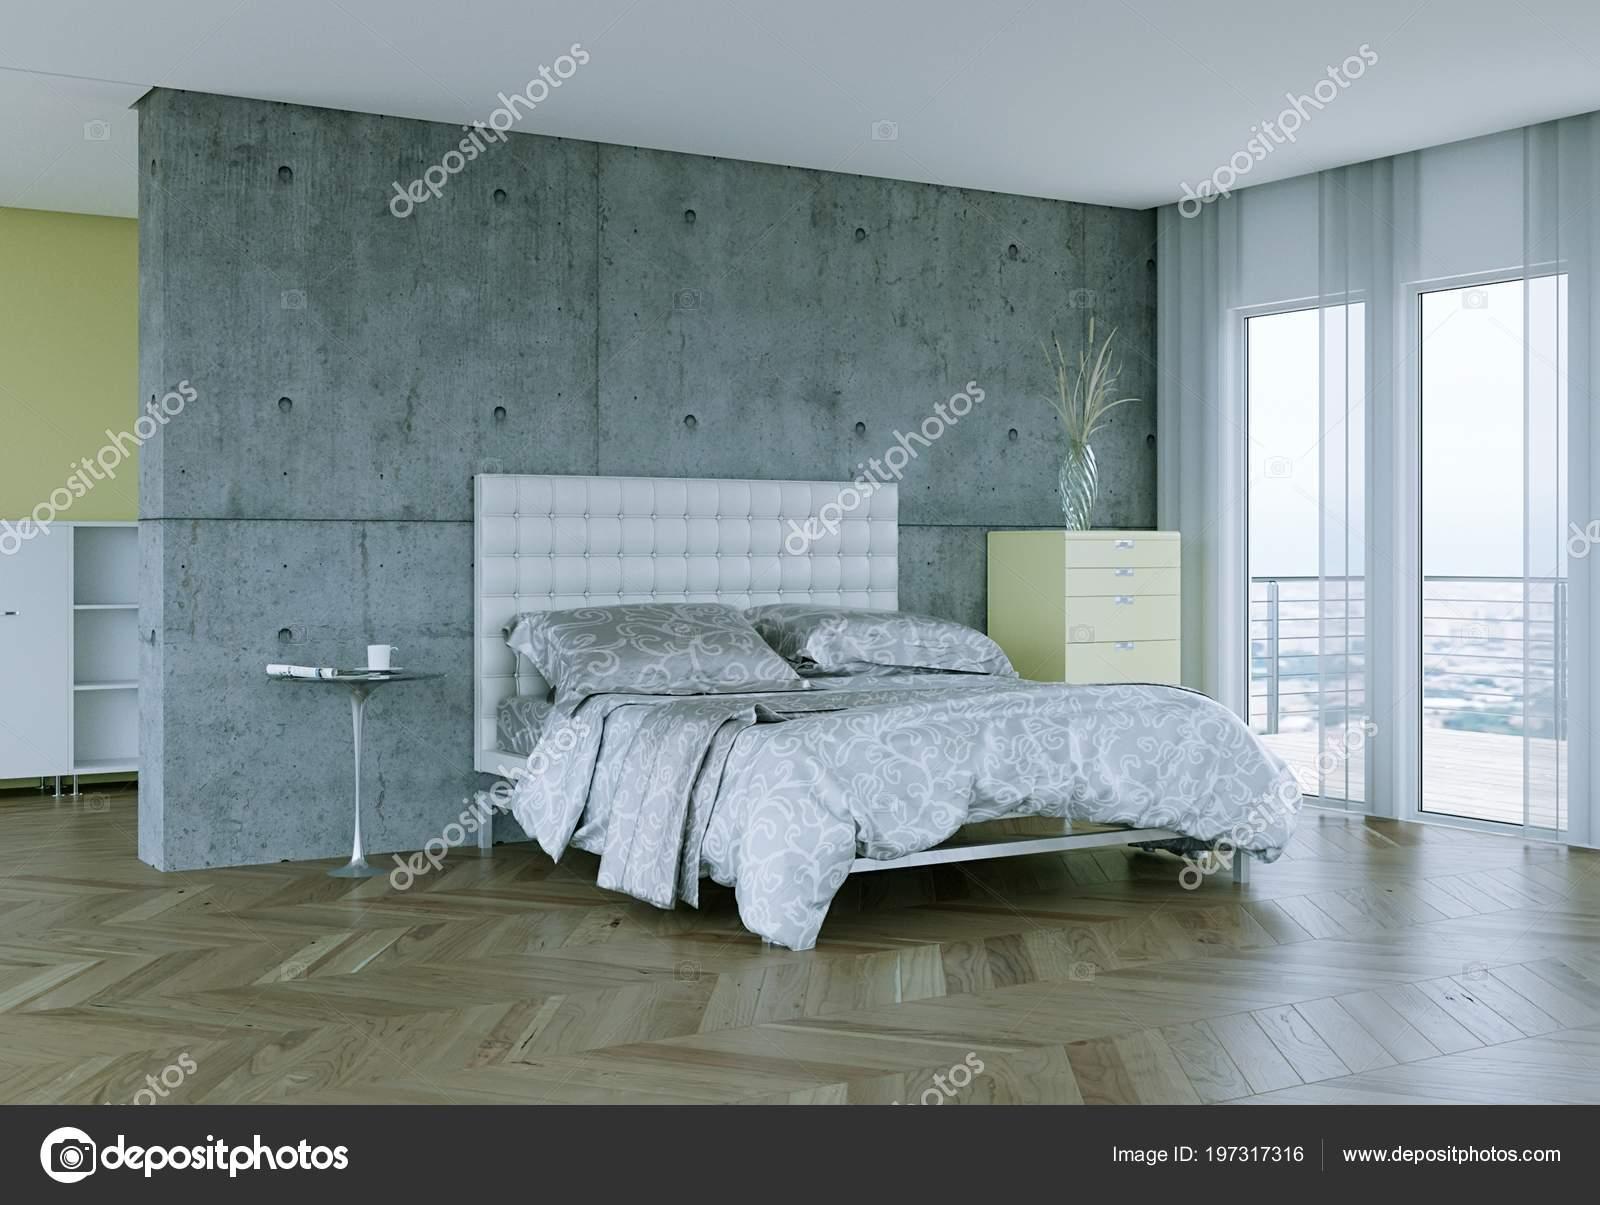 Camera da letto moderna con arredamento moderno e muro di ...